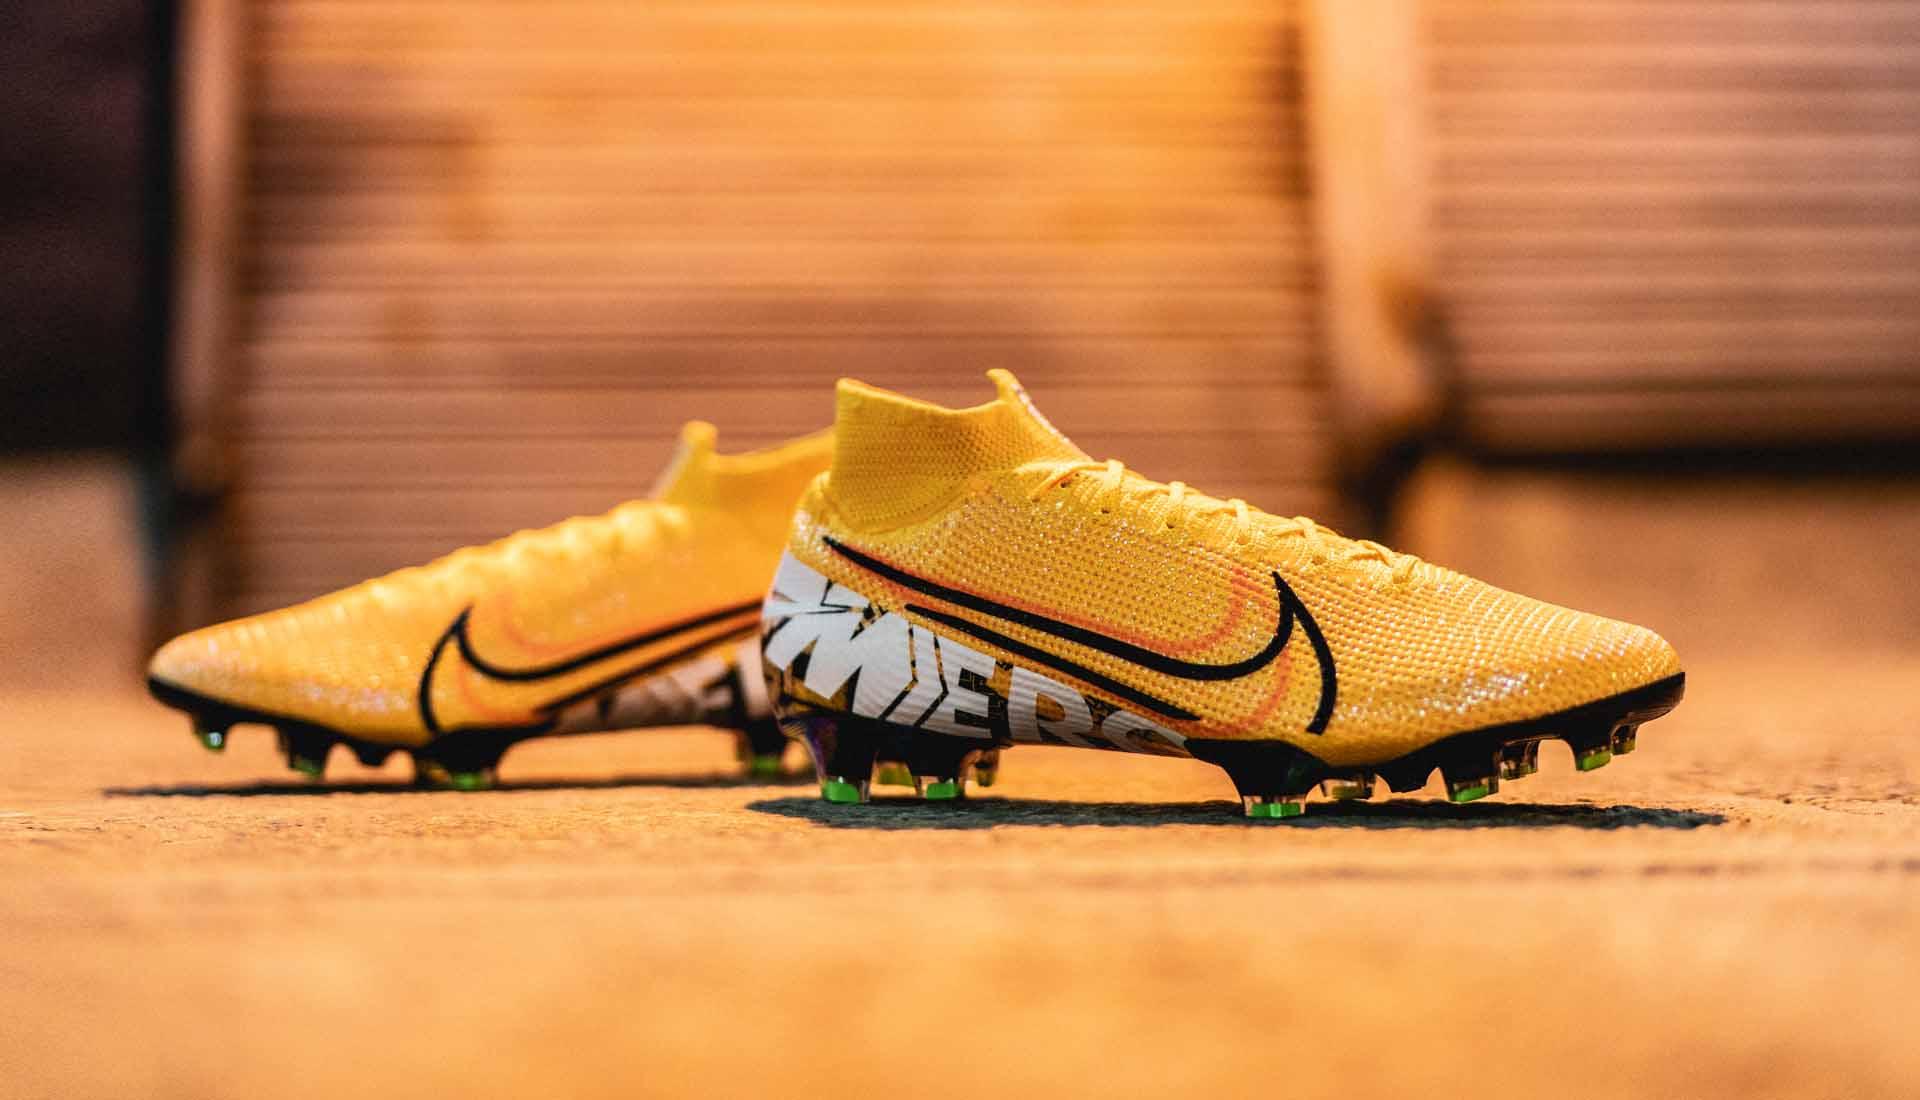 bas prix f76cc 561b8 Nike dévoile une Nike Mercurial en édition limitée à 2019 ...